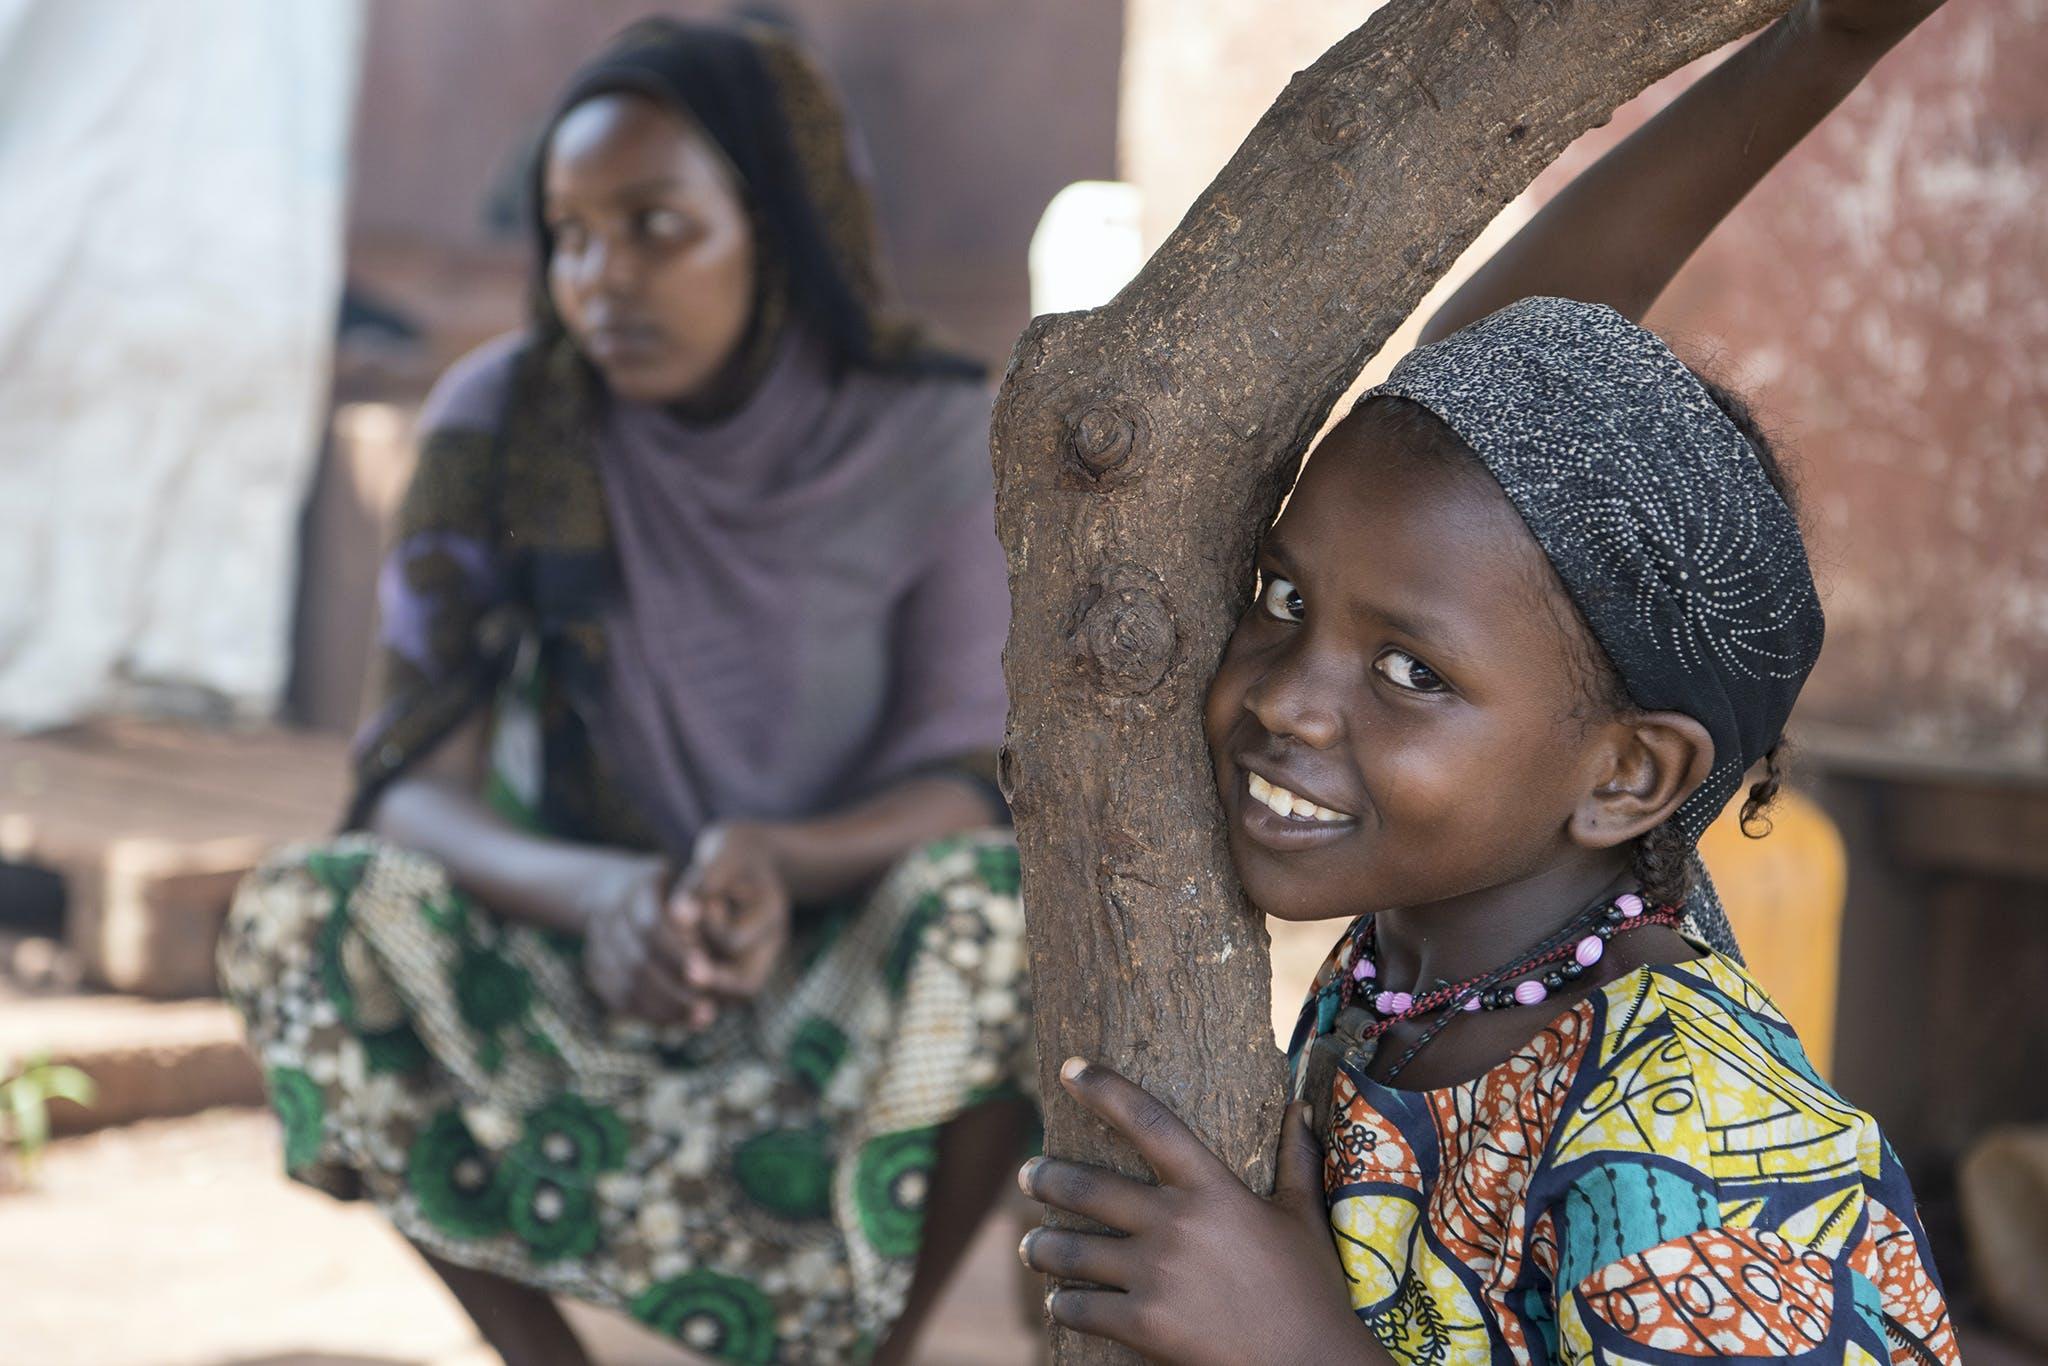 63 procent af danskerne støtter op om det danske udviklingssamarbejde, viser ny undersøgelse fra Udenrigsministeriet. Foto: CCBY: United Nations Photo.